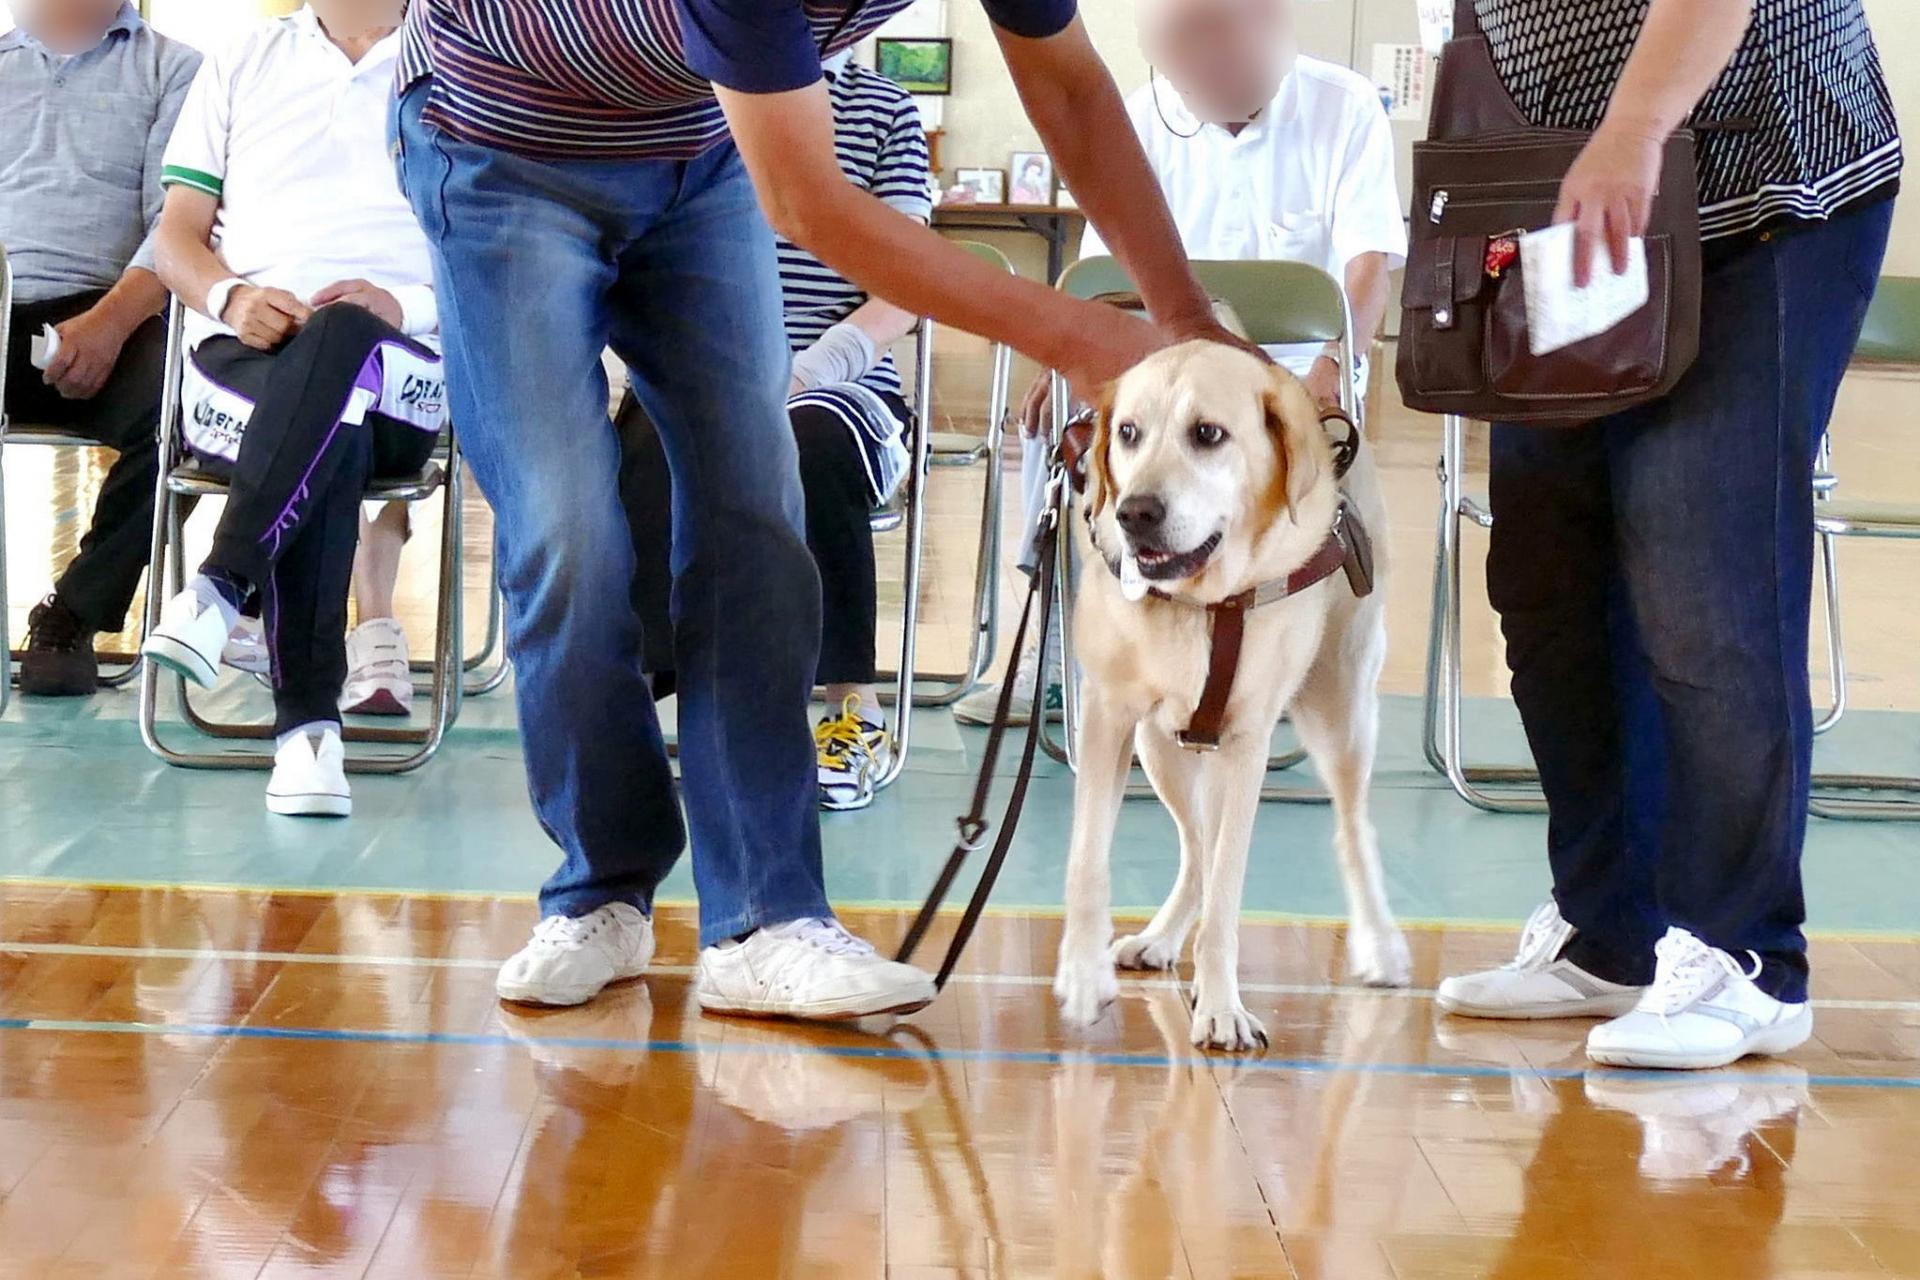 盲導犬の飲食店拒否は法律違反?拒否できる場合や知識